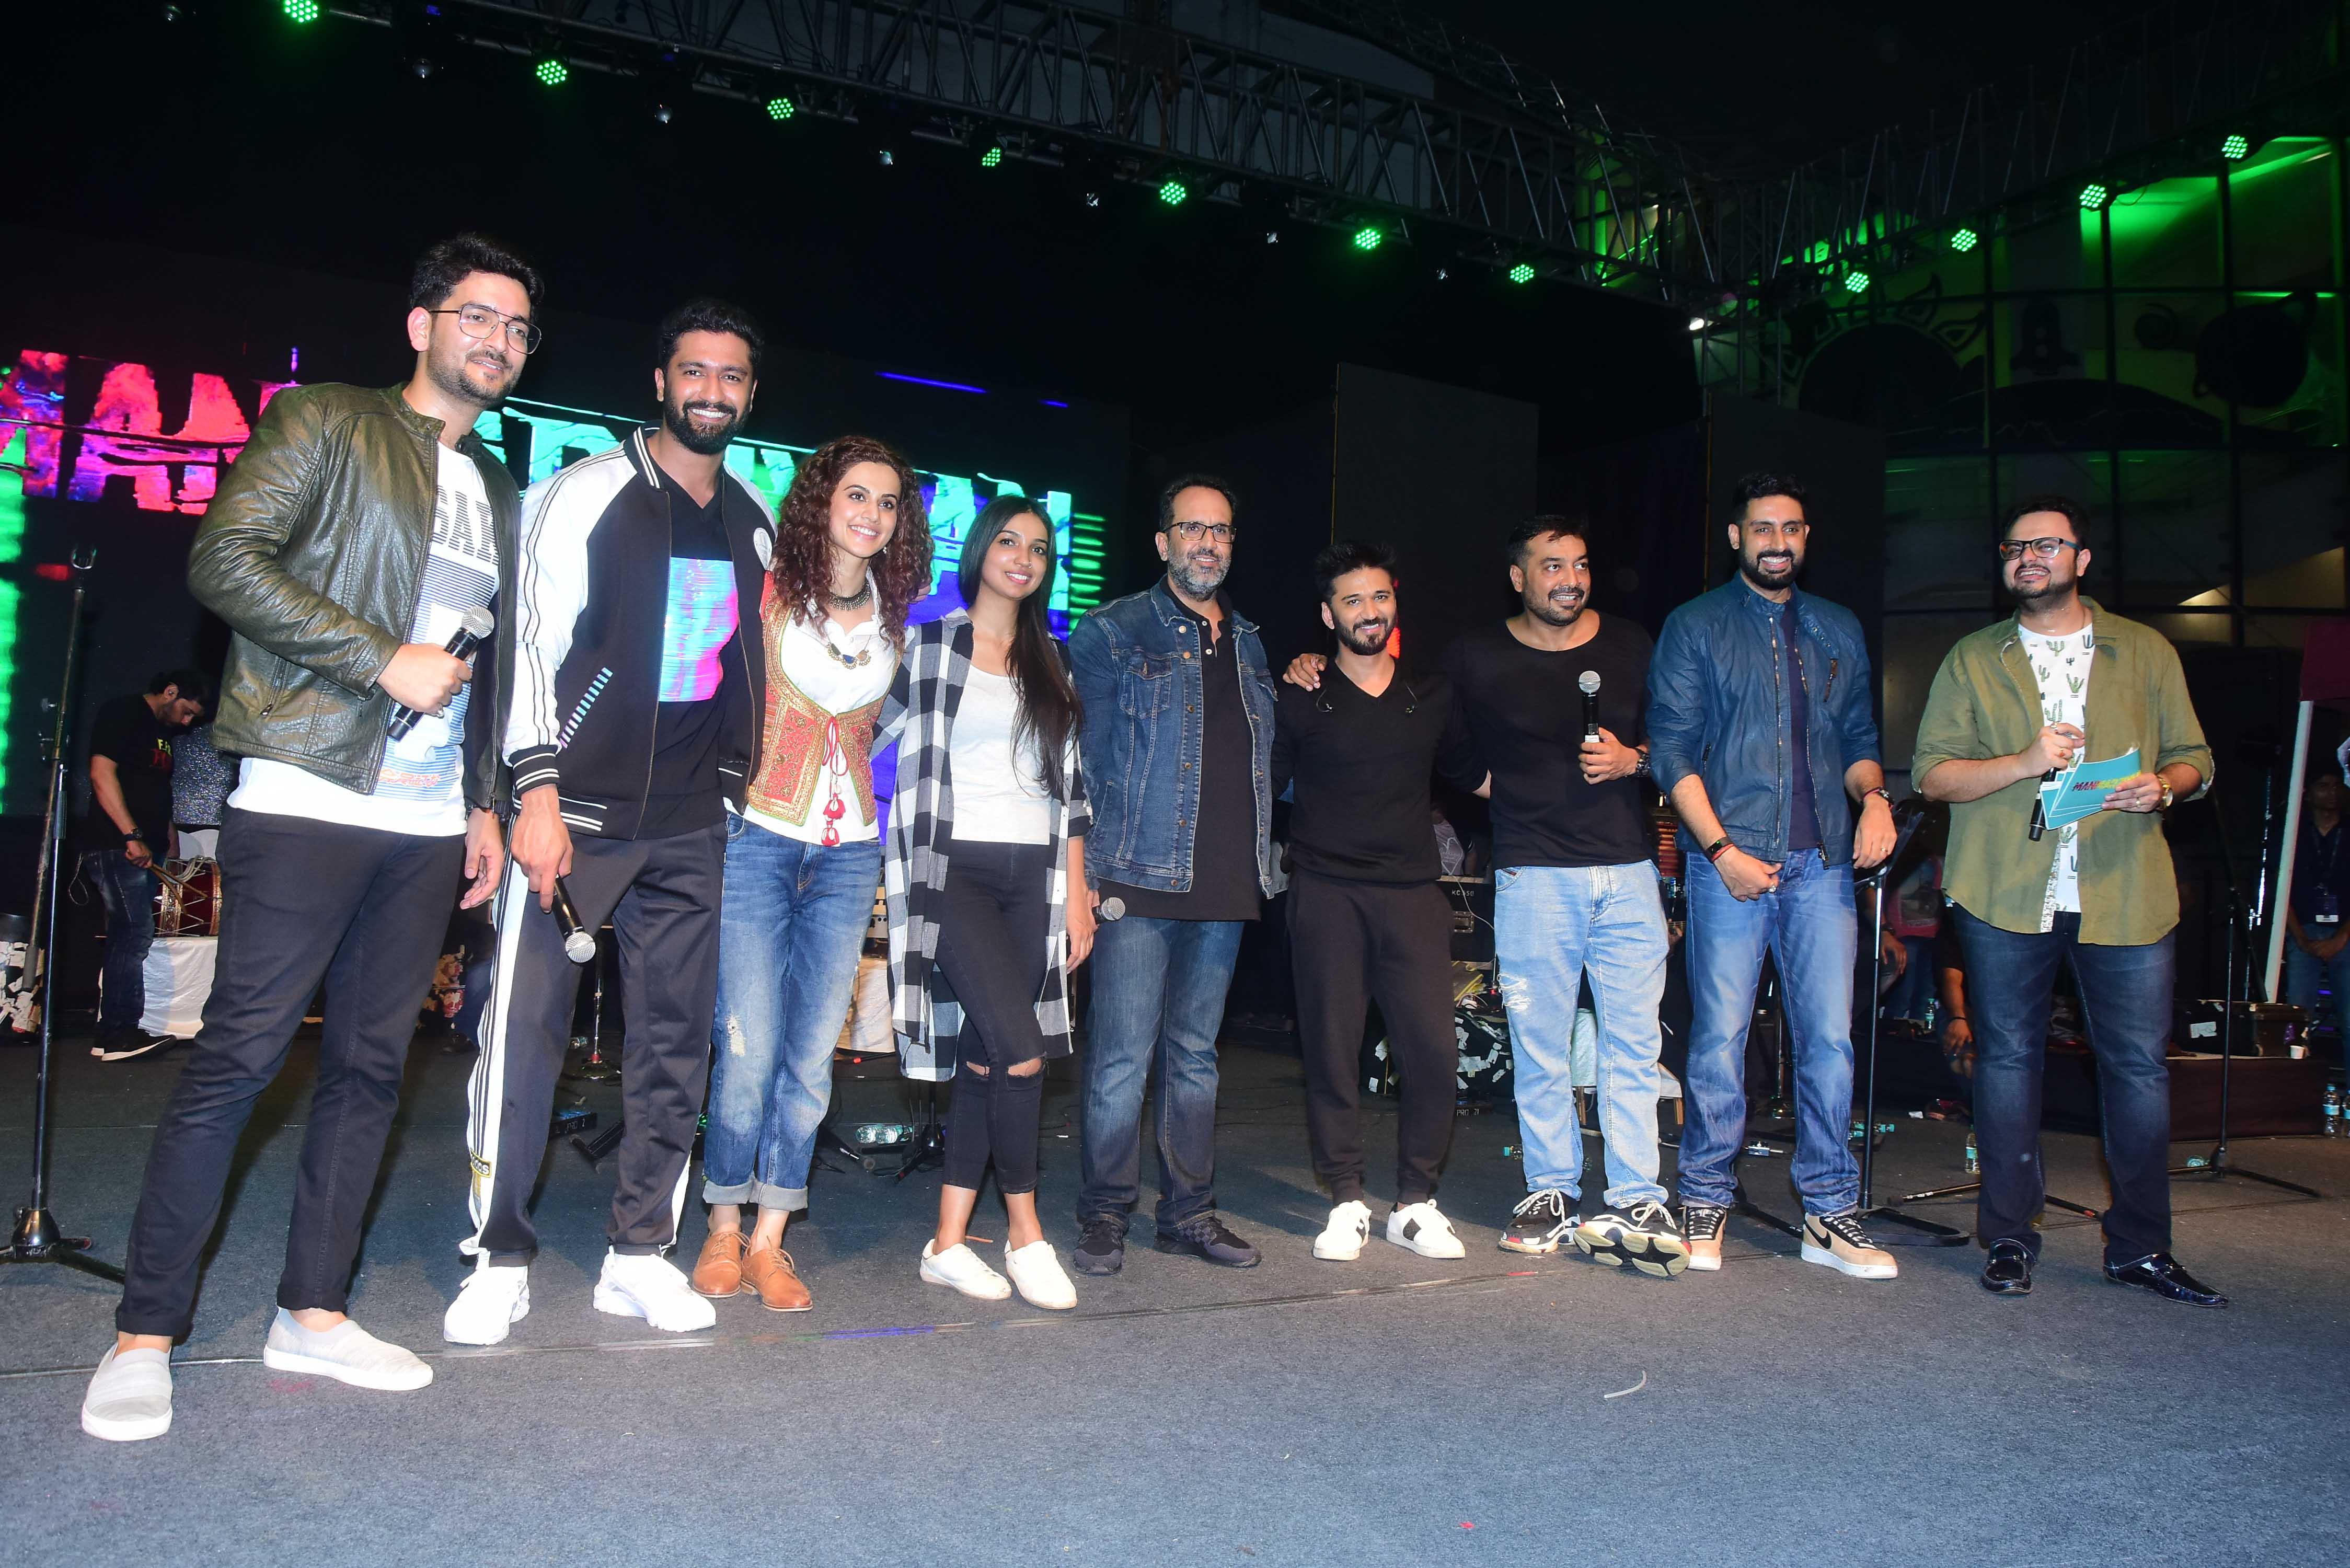 manmarziyaan concert tour